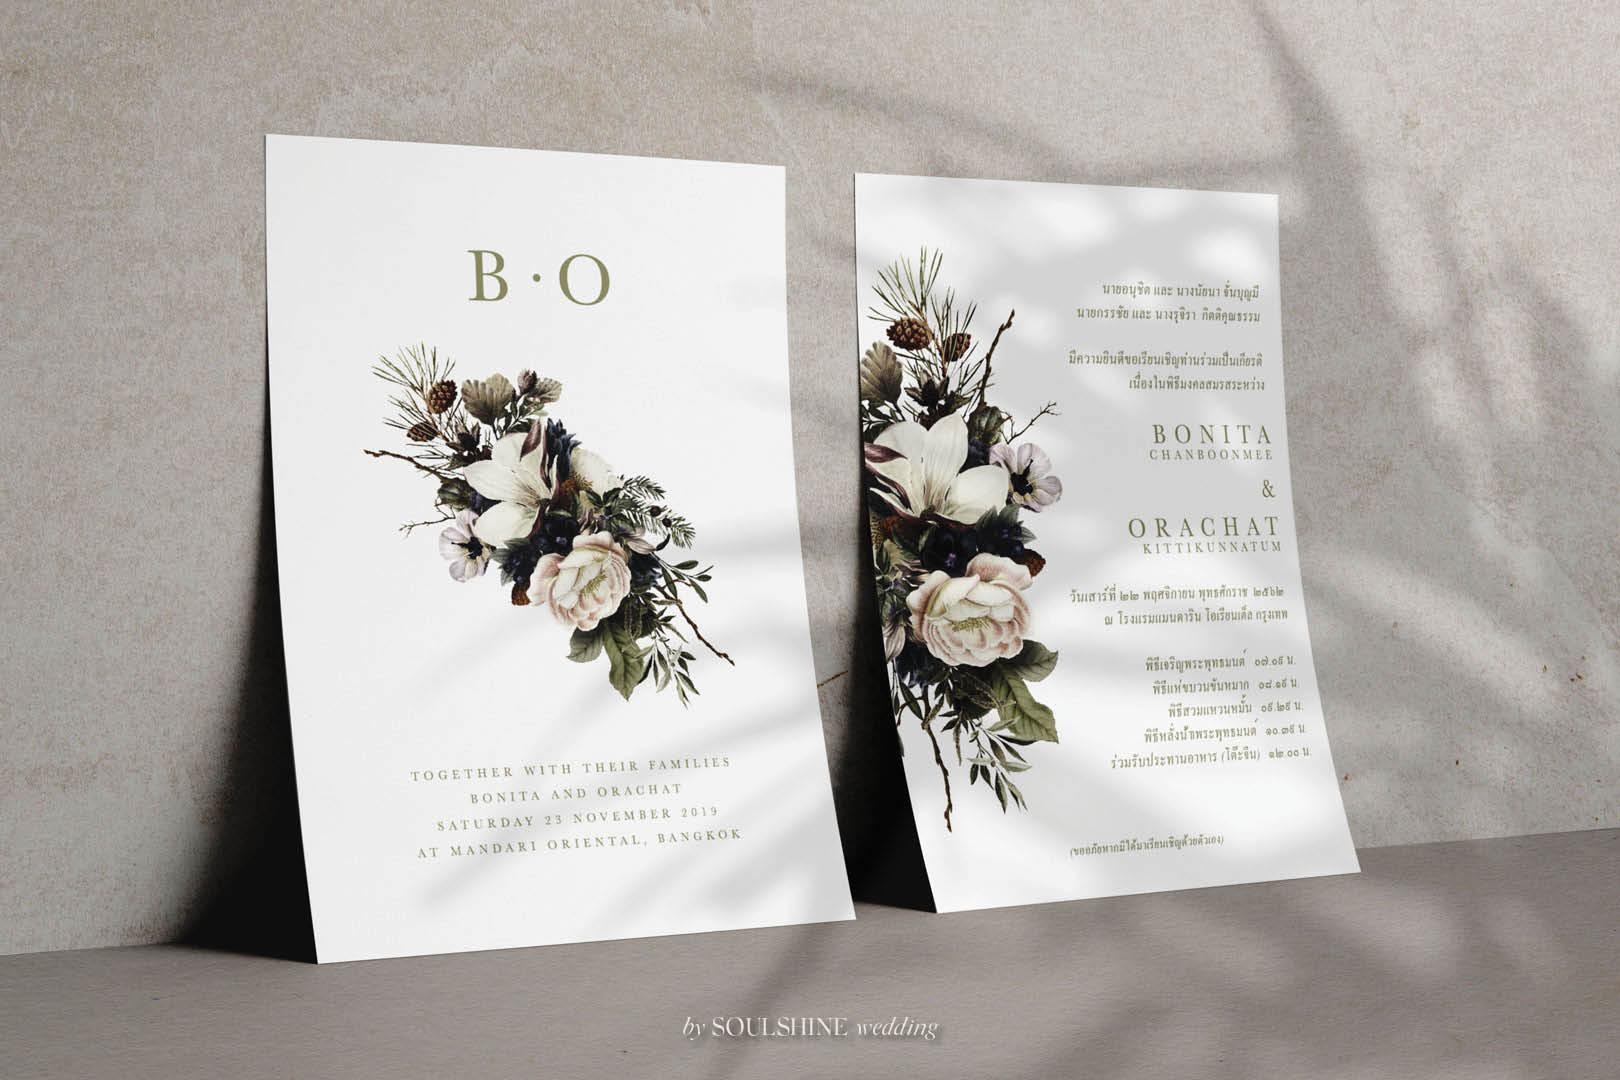 การ์ดแต่งงานวินเทจ เก๋ๆ แถมฟรี 20 ไอเดียออกแบบการ์ดแต่งงานสไตล์วินเทจให้ดูสวยและหรูหราไม่ซ้ำใคร แบบการ์ดแต่งงานสไตล์วินเทจสวยๆ แบบการ์ดแต่งงานวินเทจเก๋ๆ แบบการ์ดแต่งงานสวยๆ แบบการ์ดแต่งงานเรียบหรู หรูหรา หรูๆ การ์ดงานแต่งวินเทจ การ์ดเชิญงานแต่งวินเทจ header 2